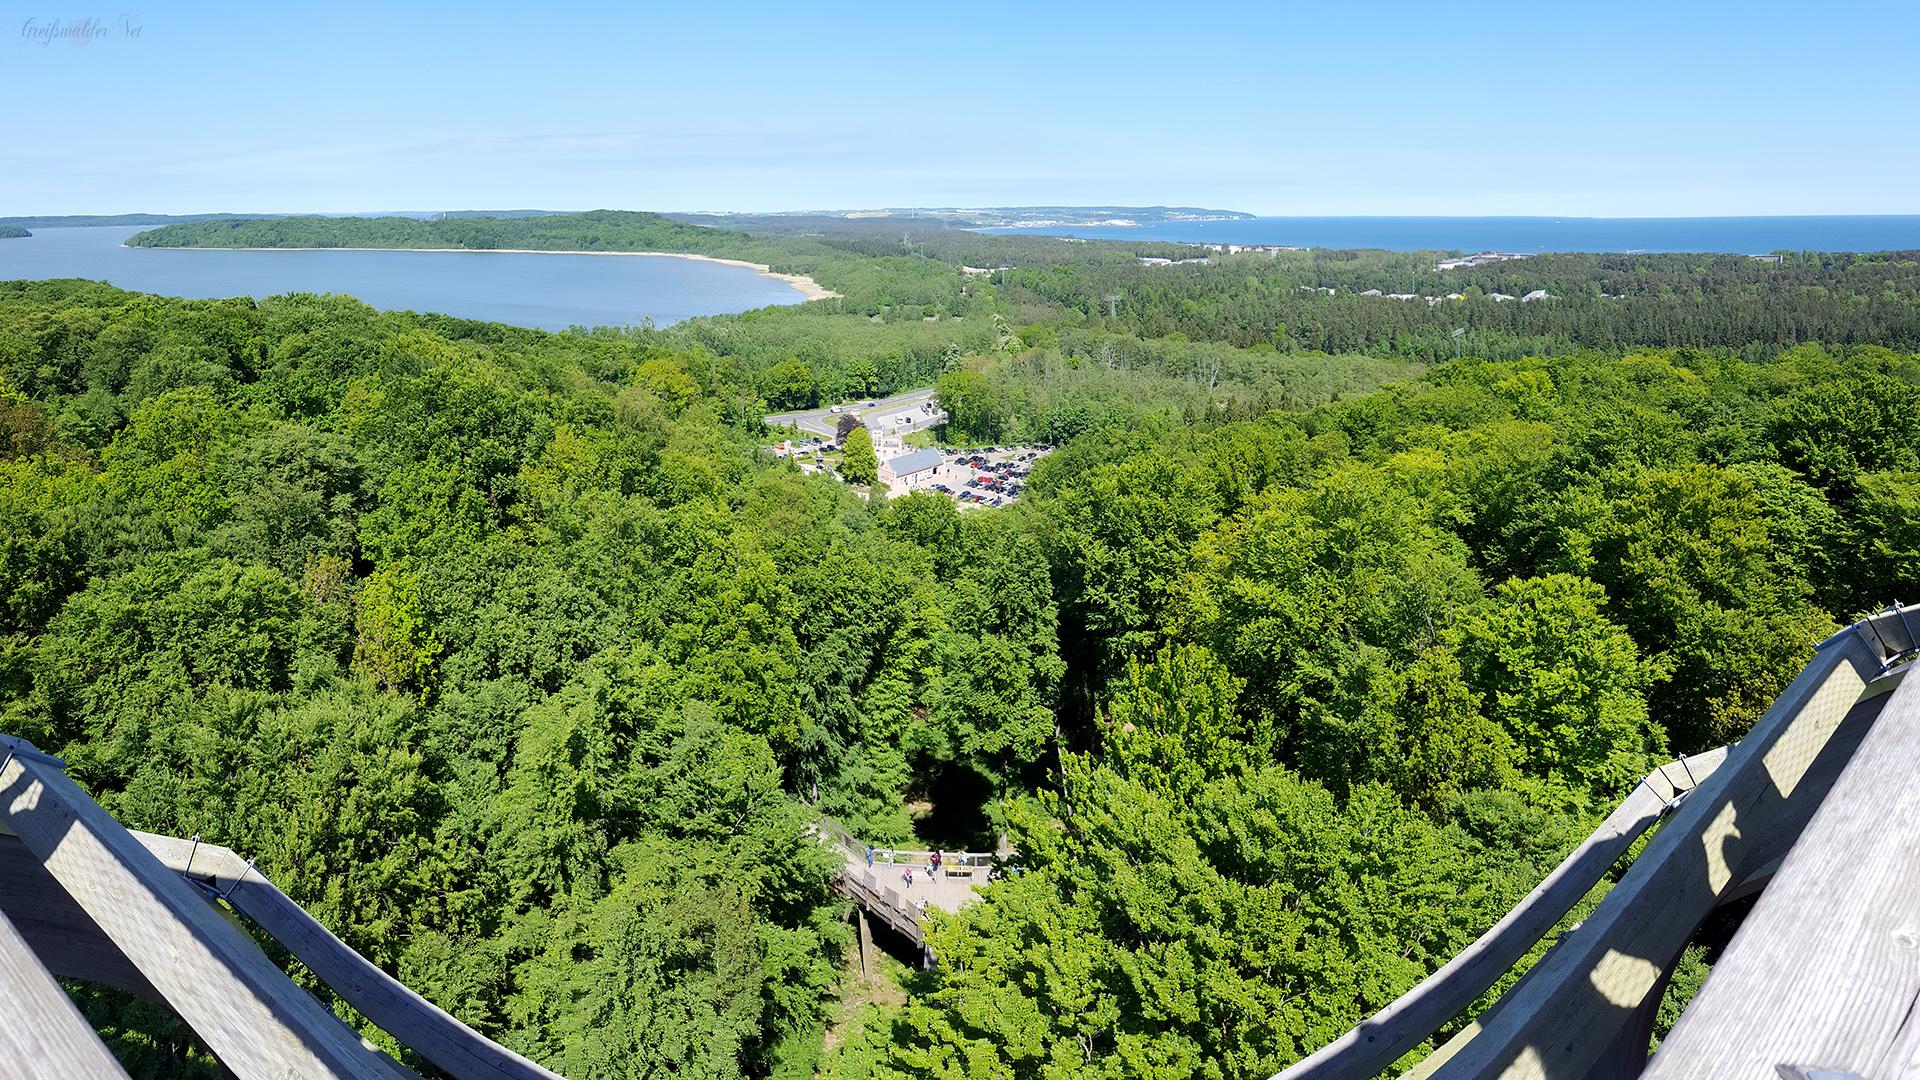 Baumwipfelpfad auf der Insel Rügen – Naturerbe Zentrum Rügen